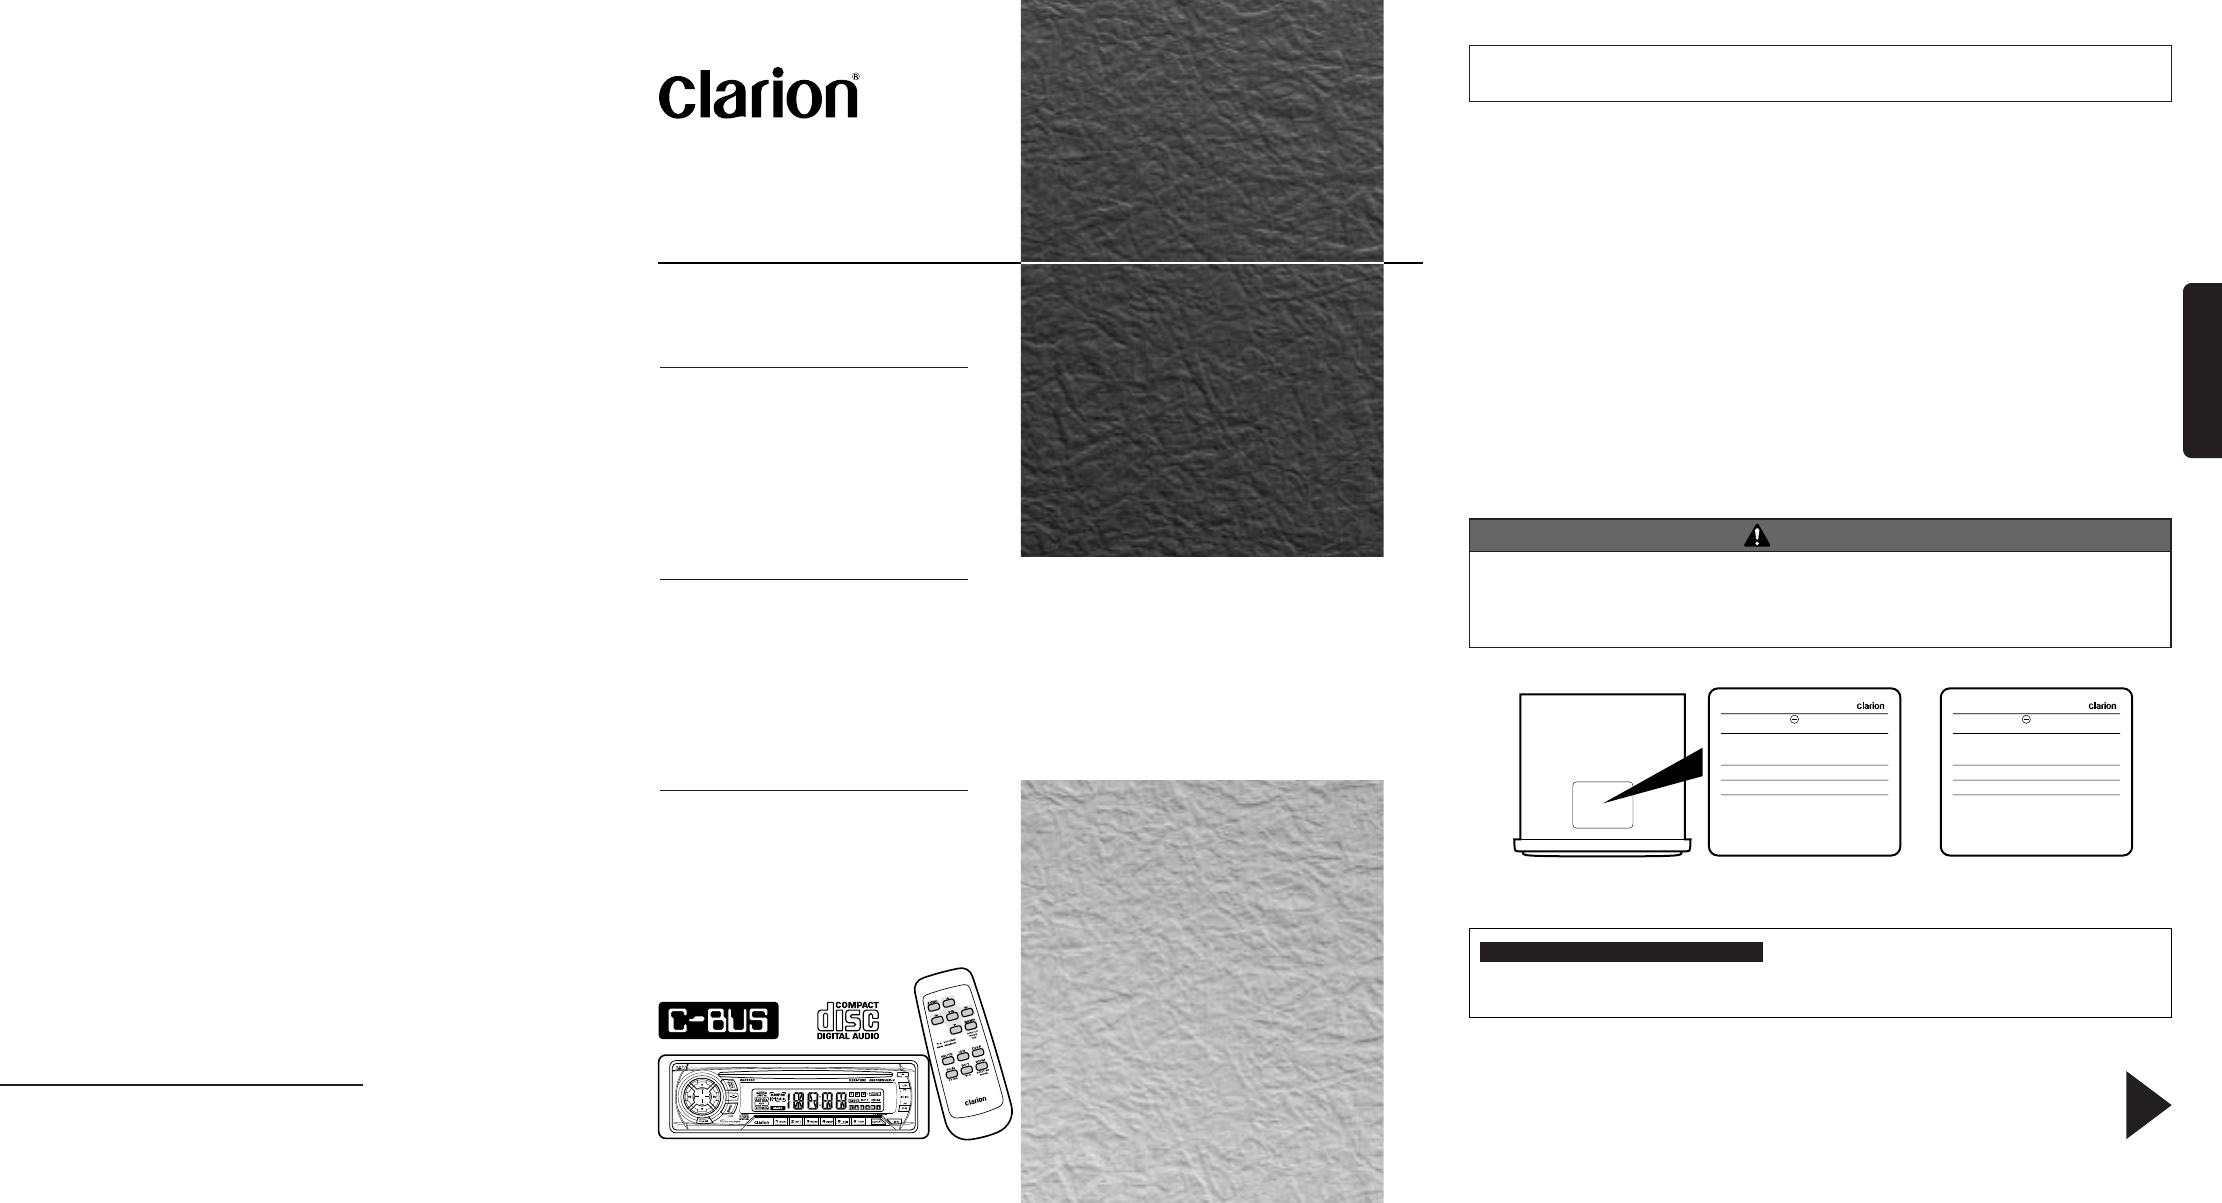 clarion car stereo system rdx555d user guide manualsonline com rh caraudio manualsonline com